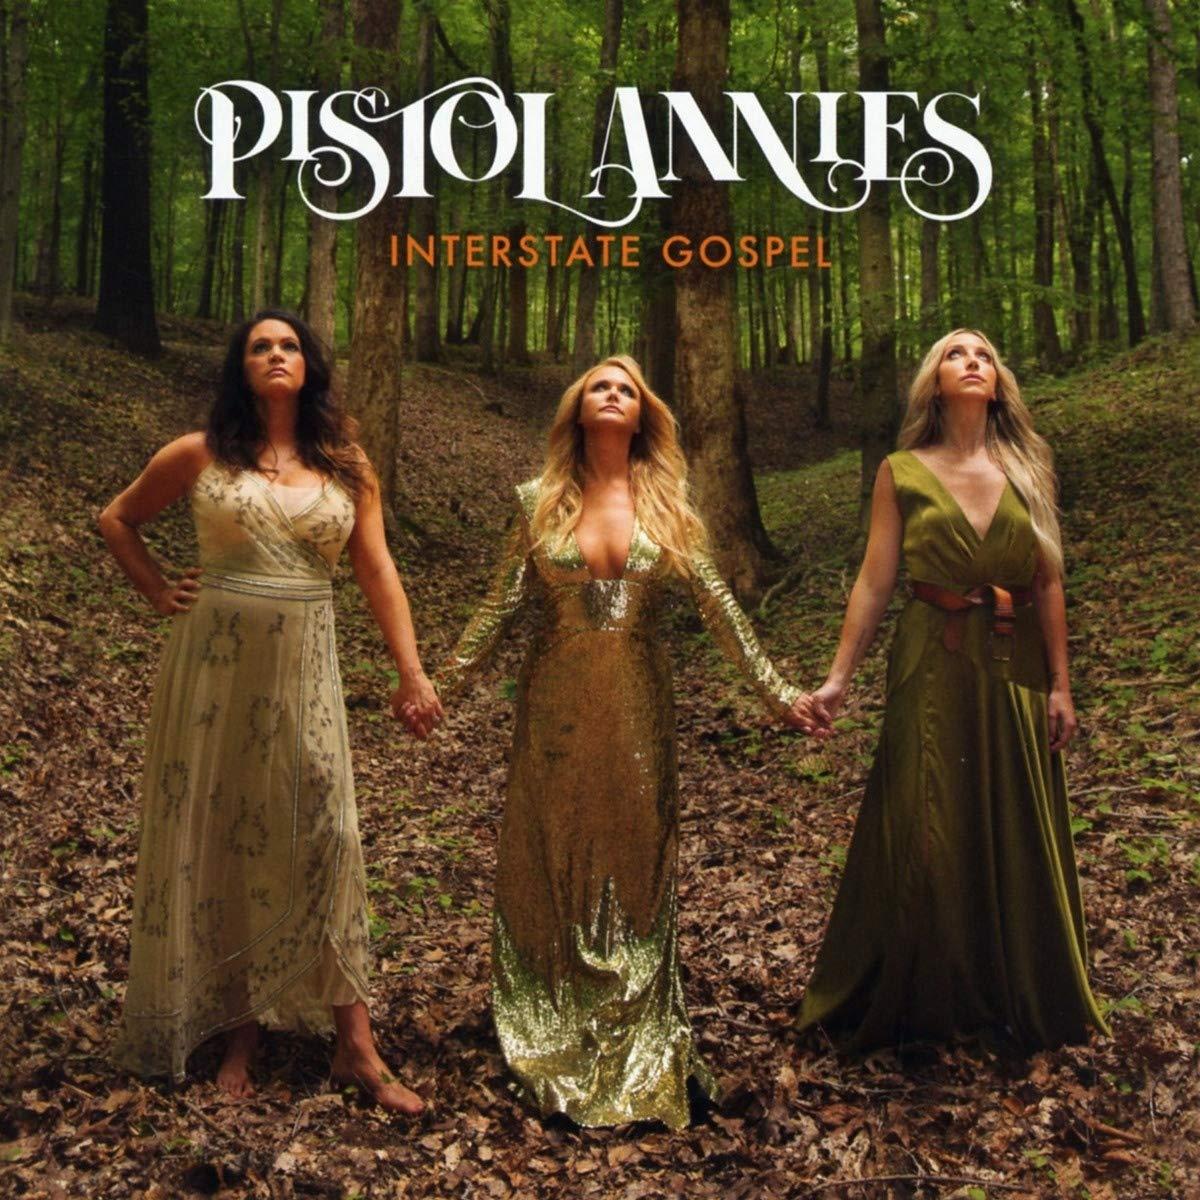 Pistol Annies – Interstate Gospel (2018) [FLAC]